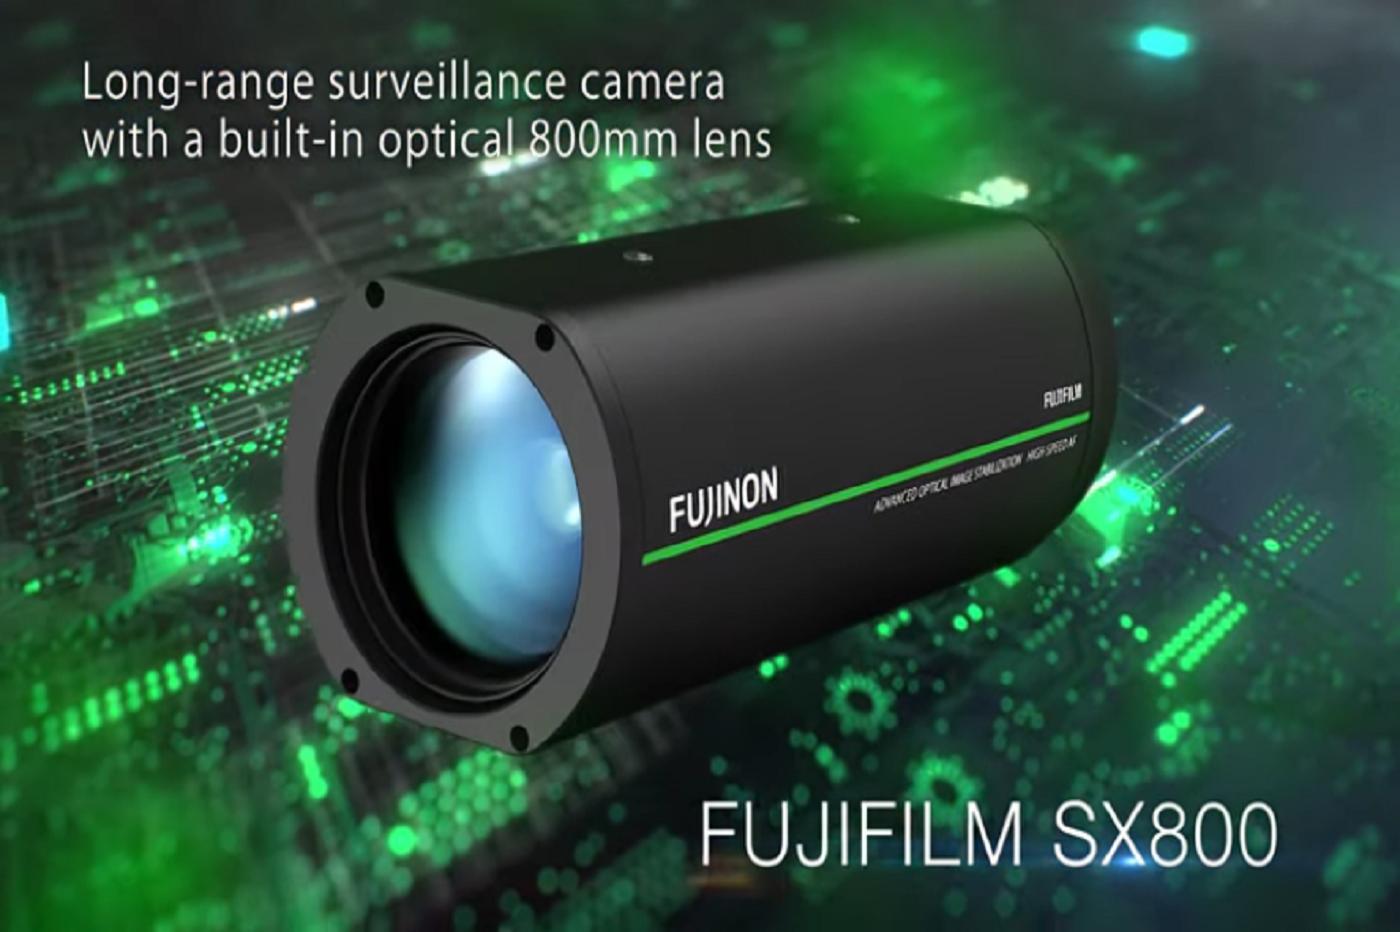 Fujifilm sort une caméra qui peut distinguer une plaque d'immatriculation située à un kilomètre